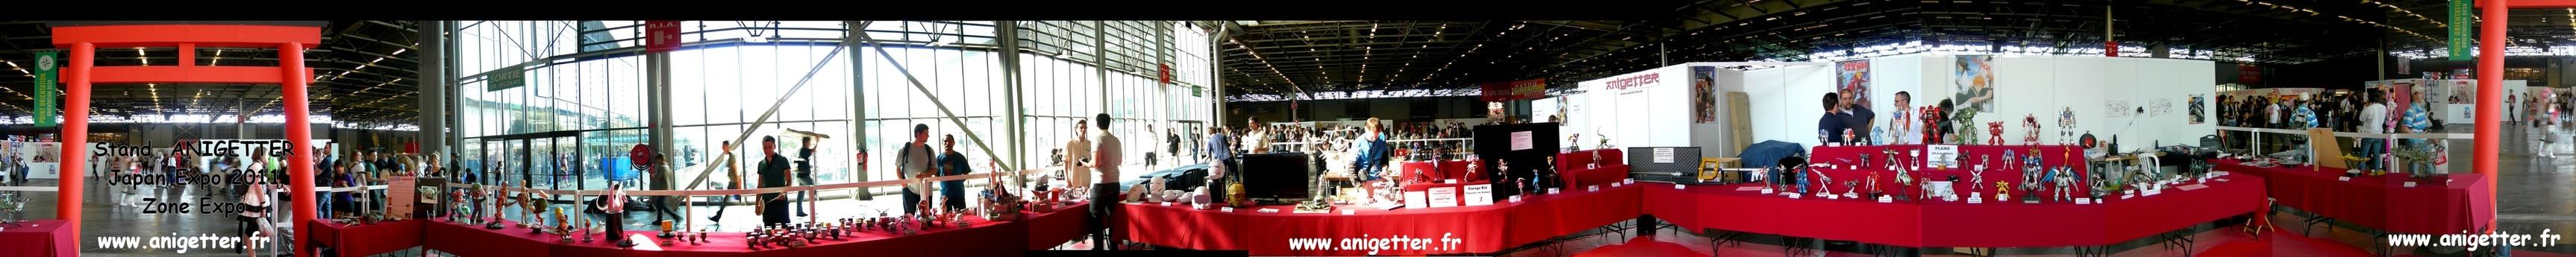 Japan Expo 2011 : 4 jours de surprises sur le stand ANIGETTER (compte-rendu & photos-vidéos) Anigetter-JE2011-Panoramic_360